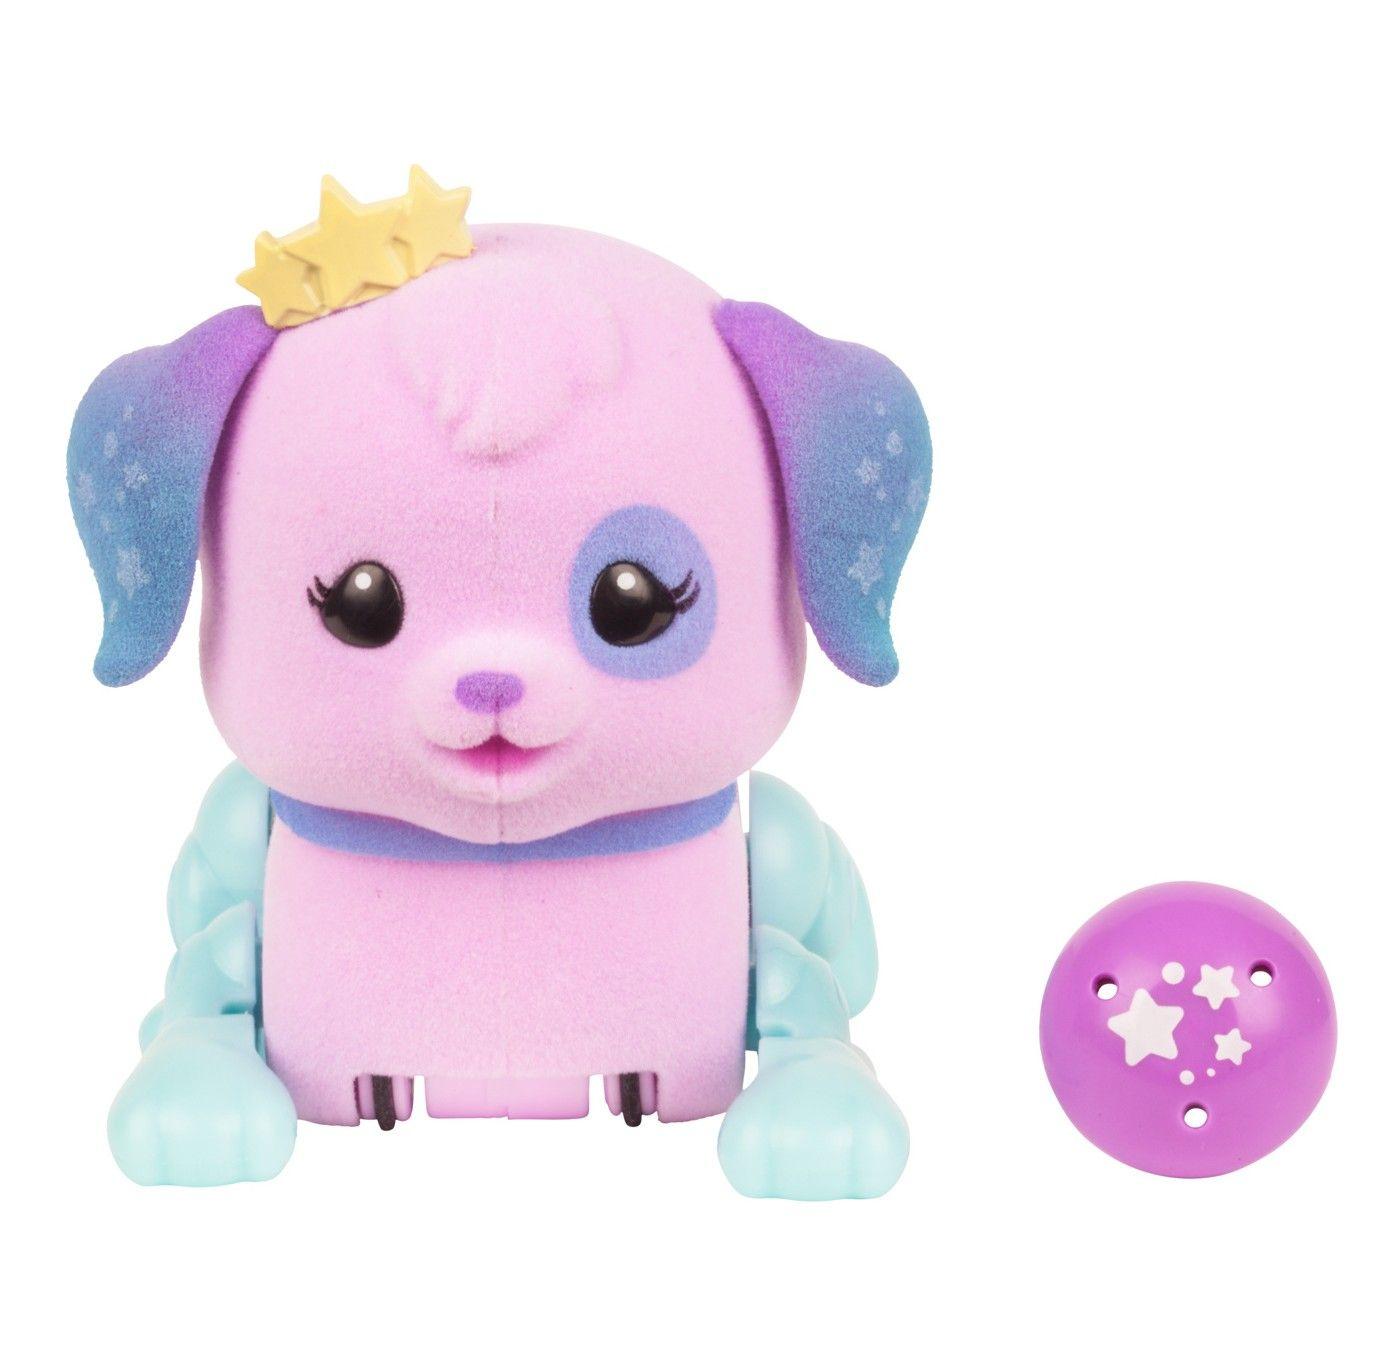 Little Live Pets Lil Cutie Pup Star Paws Purple Affiliate Lil Spon Cutie Live Little Live Pets Lps Littlest Pet Shop Paw